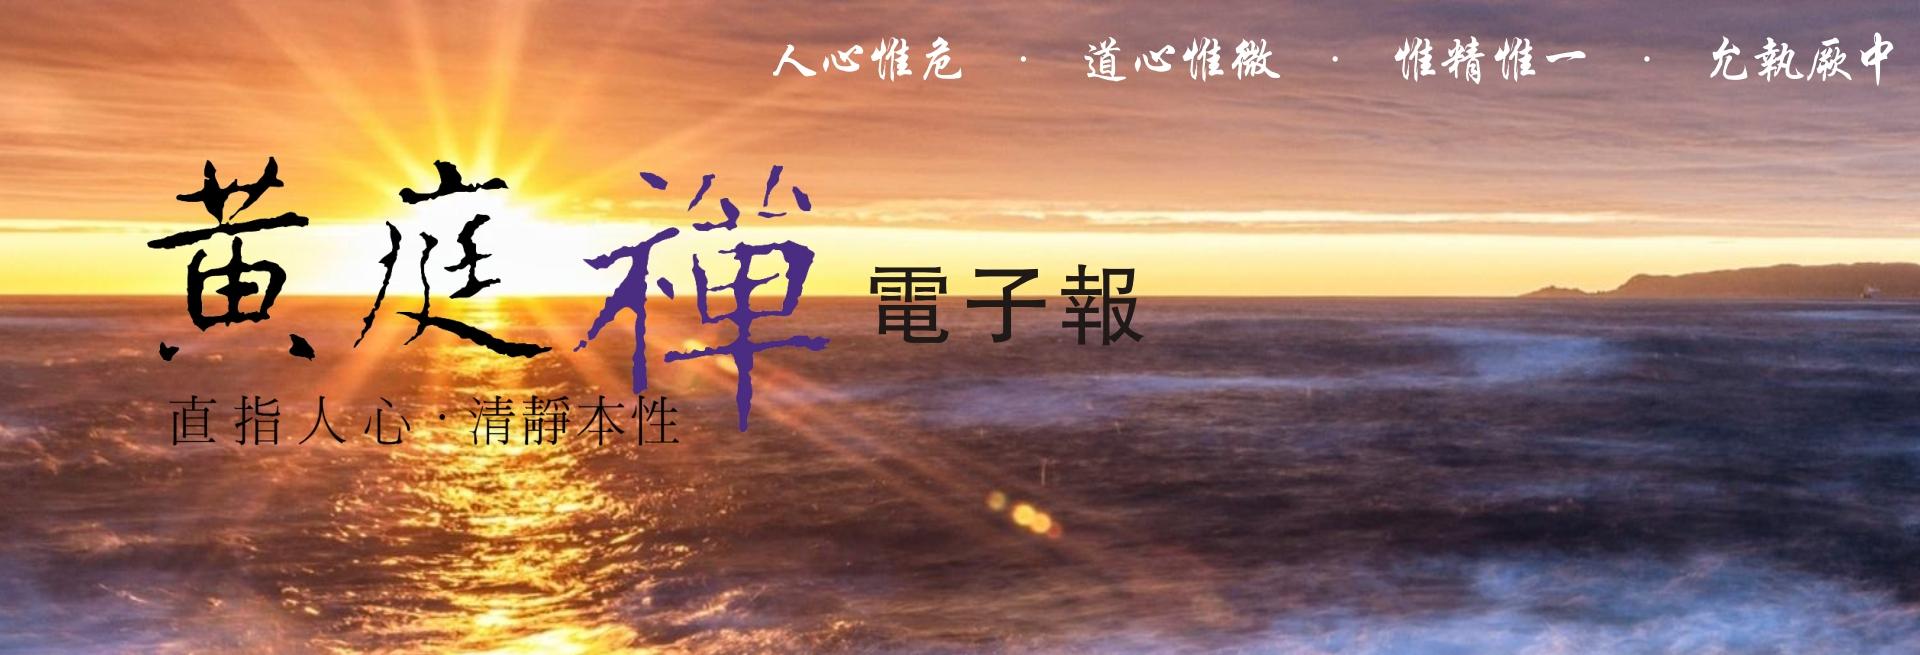 中華黃庭禪學會2020.09.21電子報